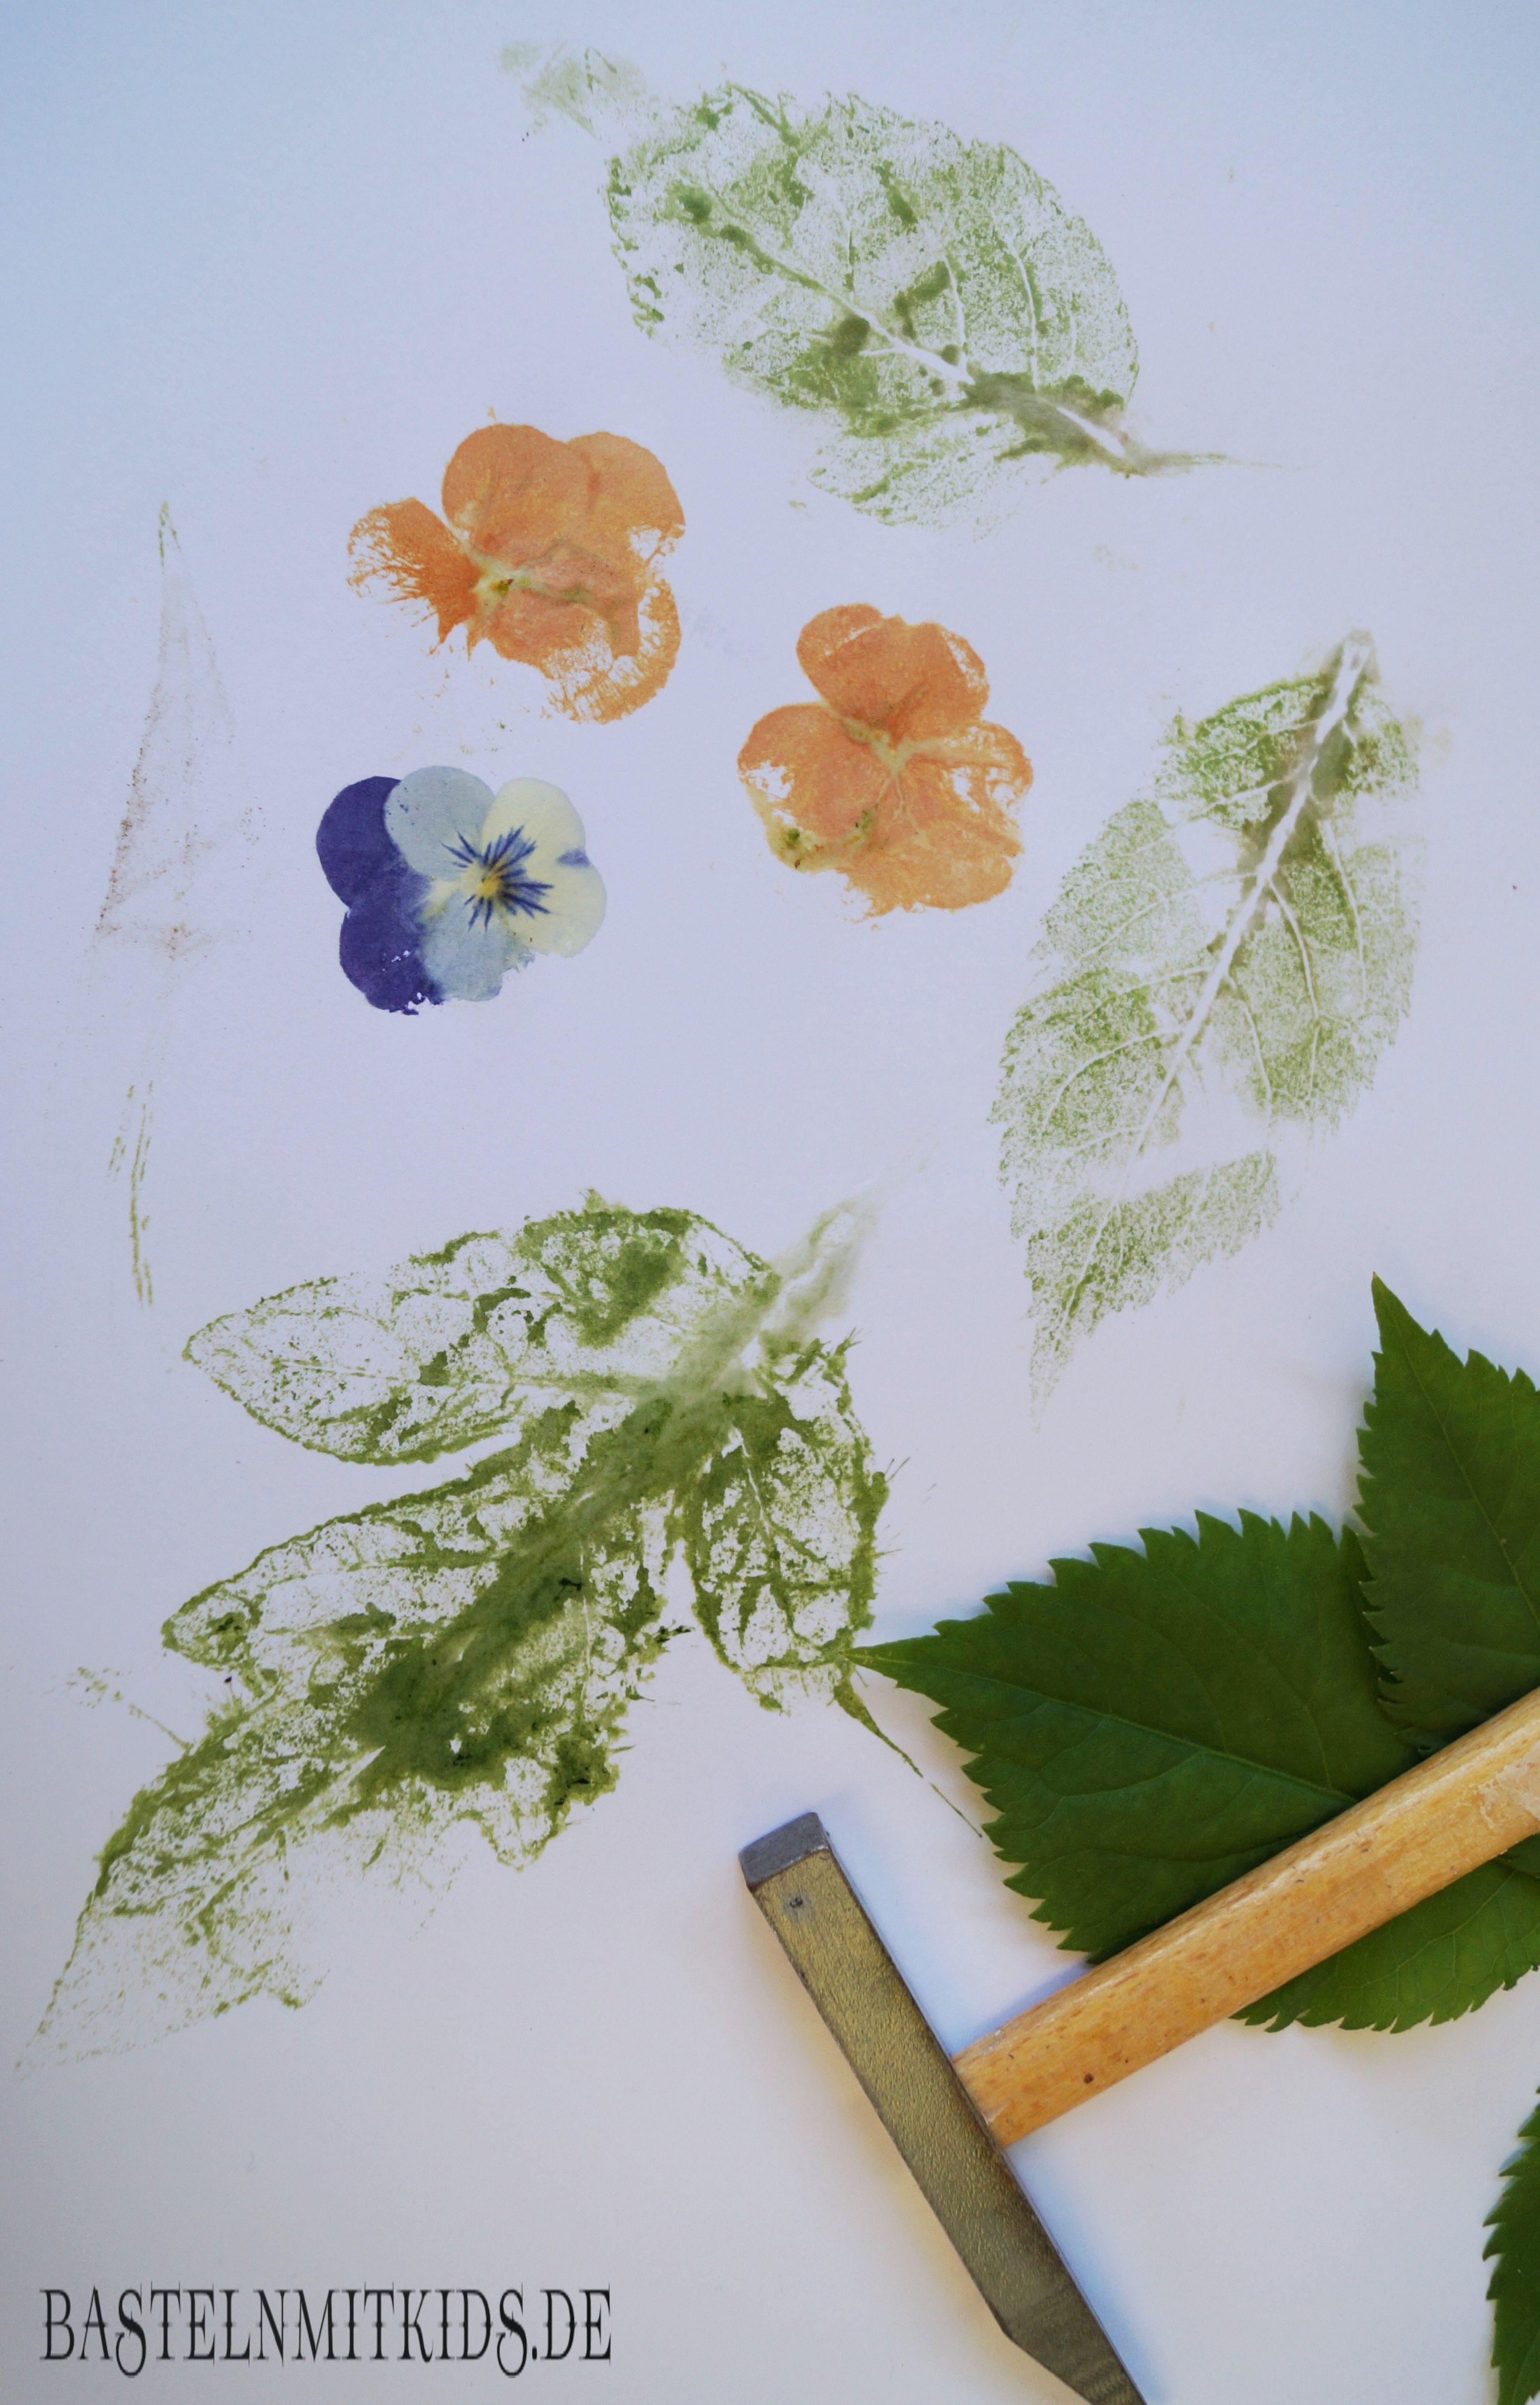 Stempel Blätter Auf Ein Papier Ohne Farben Basteln Mit Kindern Kinder Basteln Papier Blumen Basteln Basteln Mit Papier Dekoration